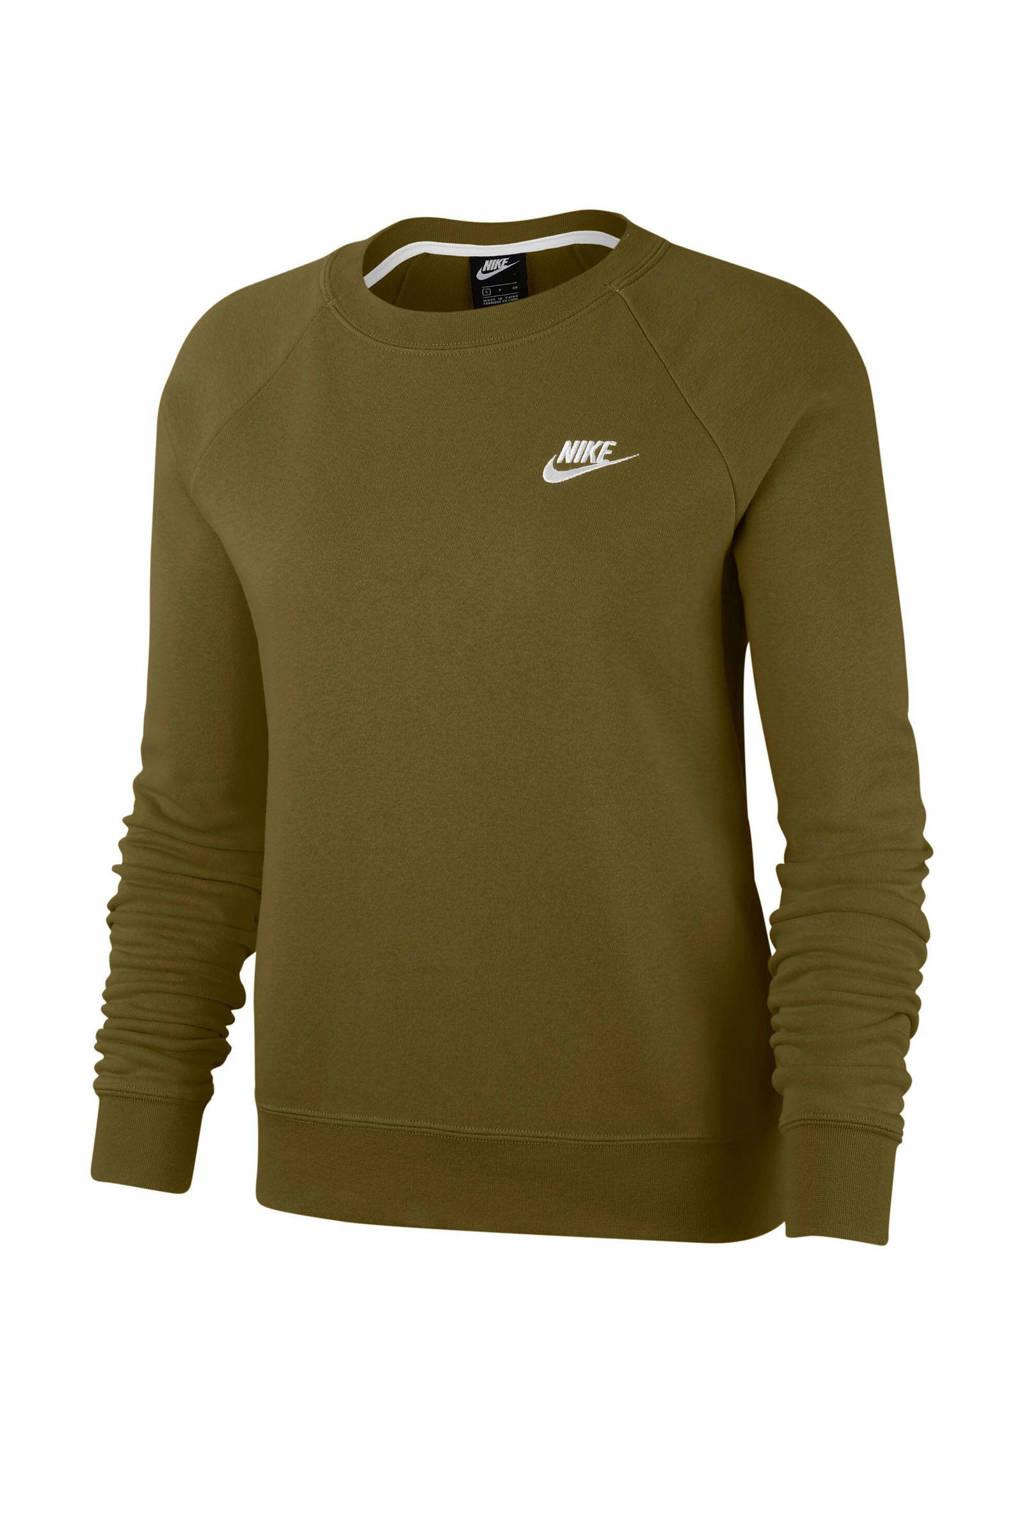 Nike sweater kaki, Kaki